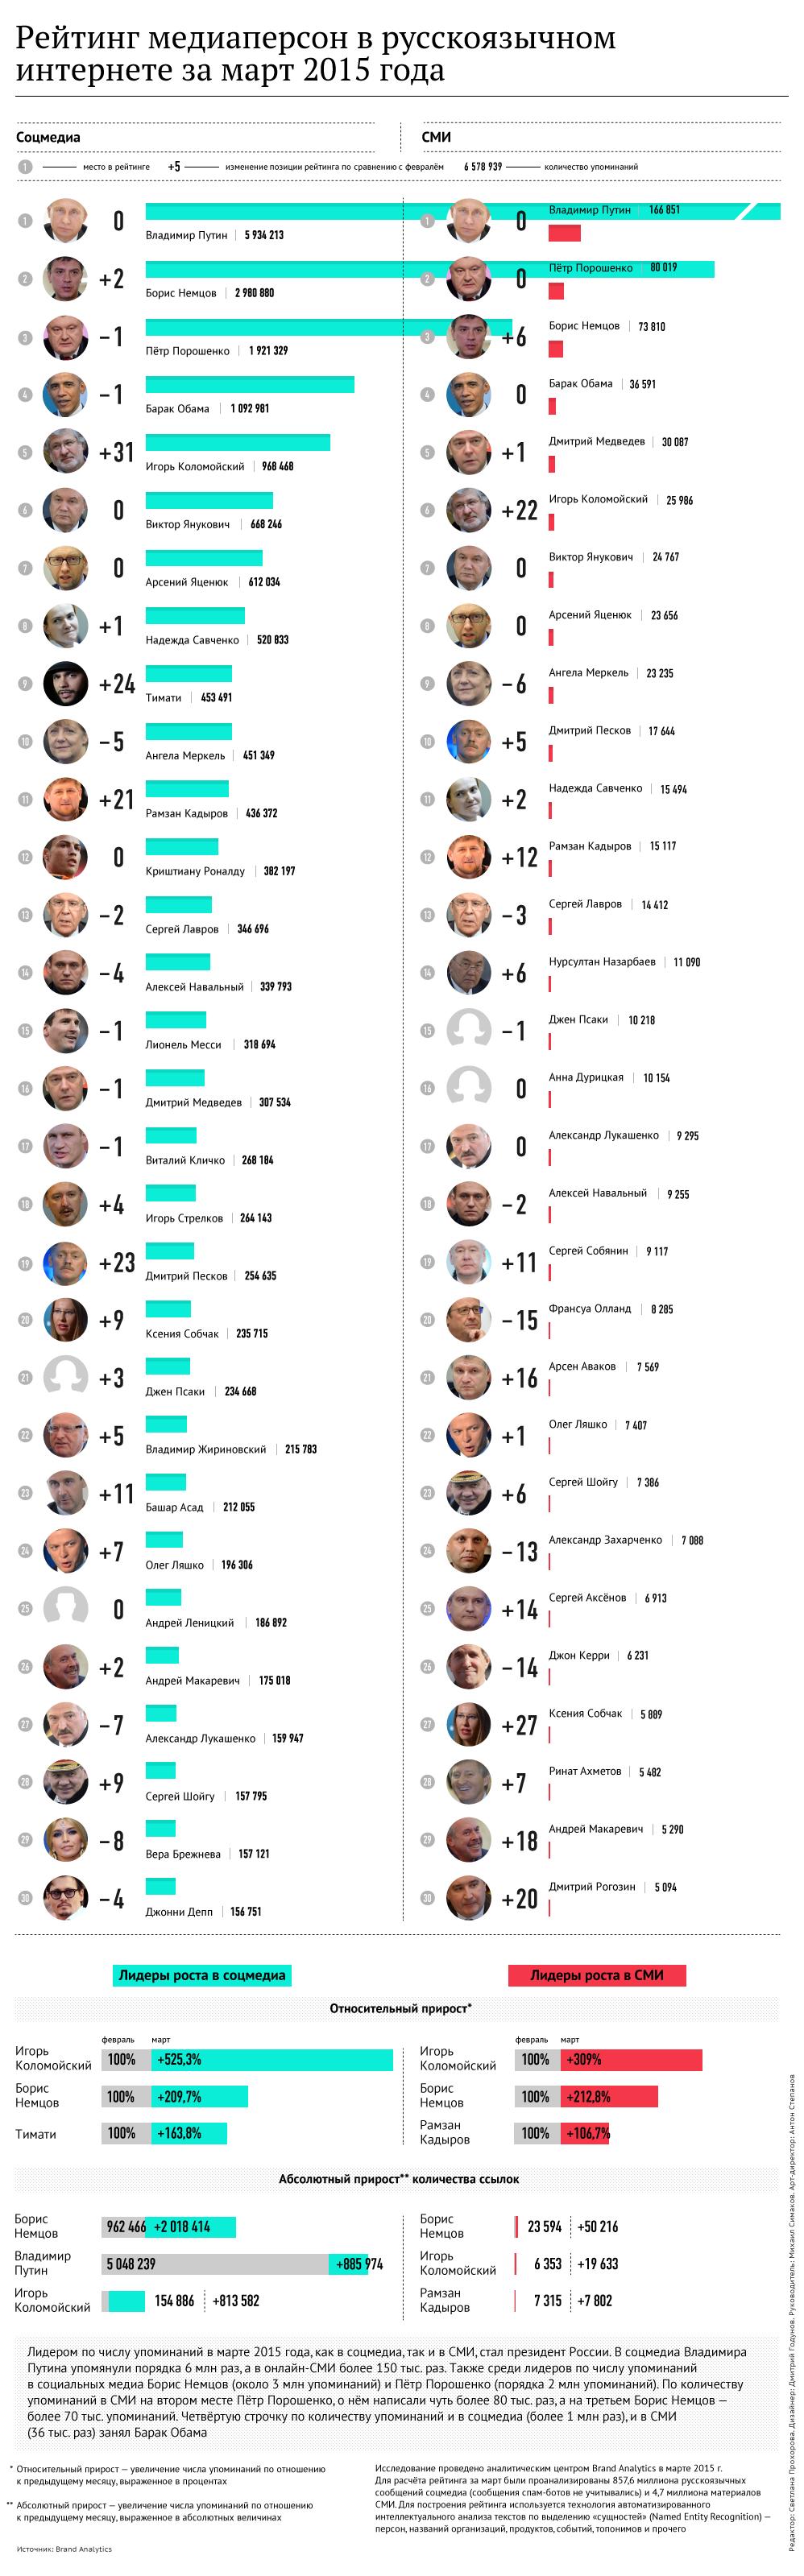 Рейтинг медиаперсон в русскоязычном интернете за март 2015 года